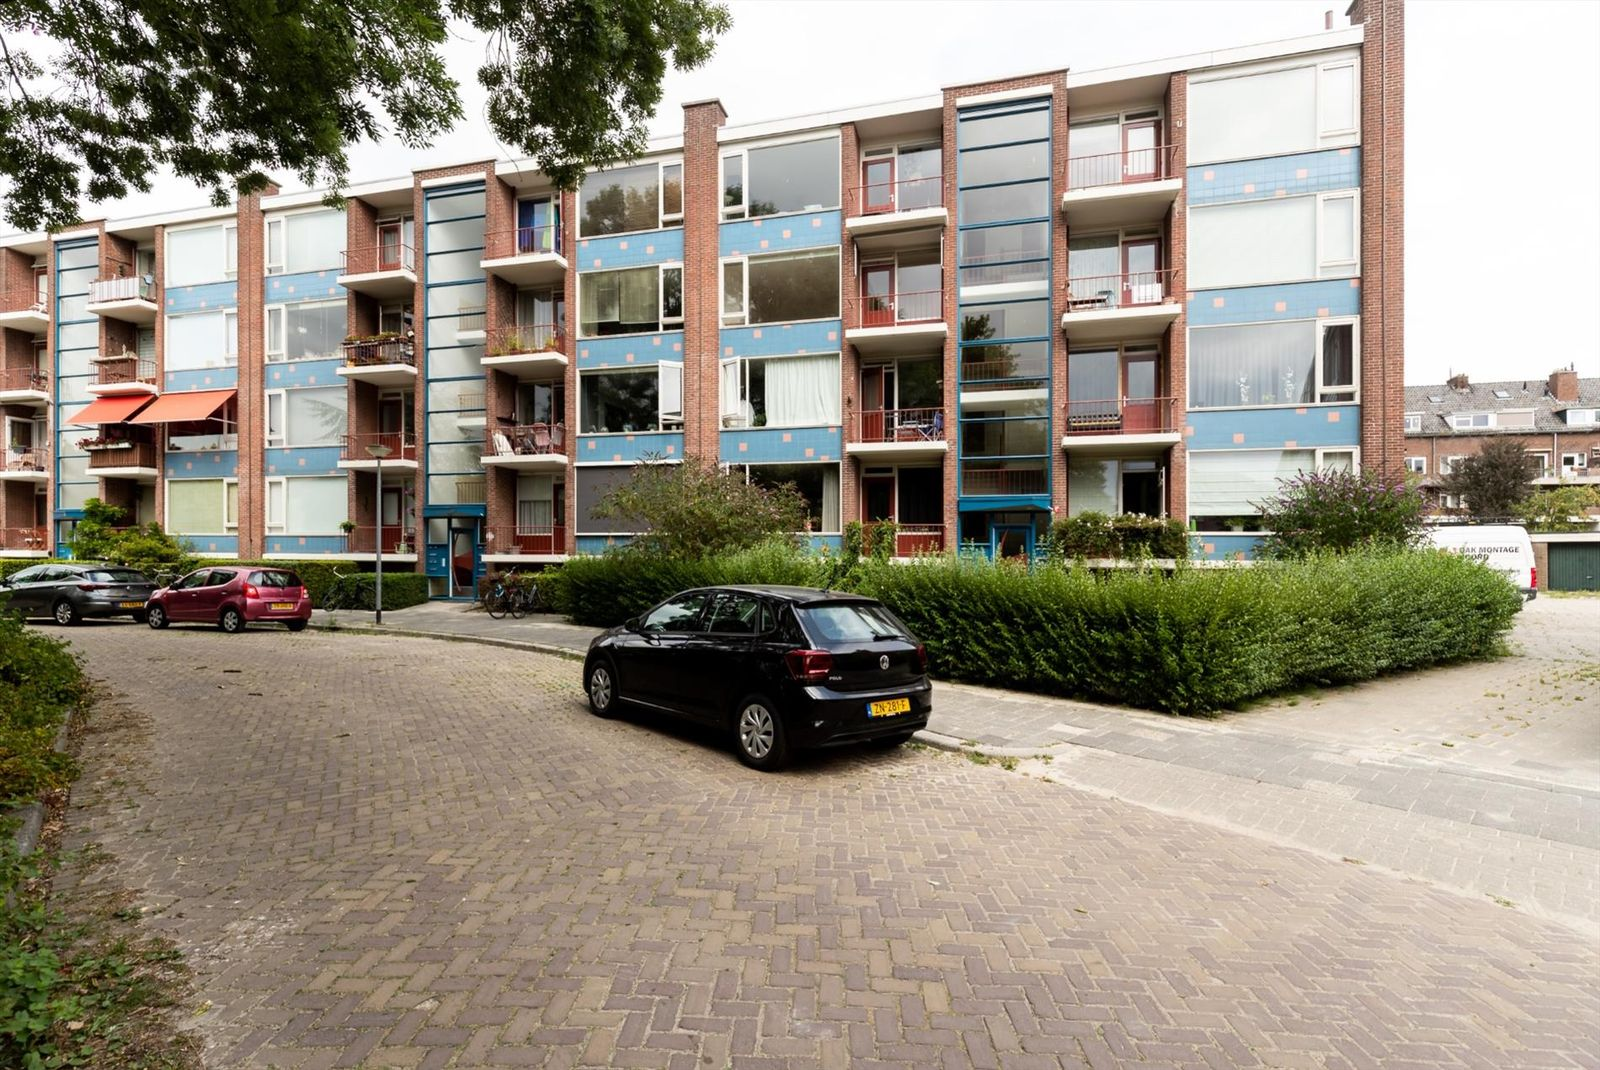 Onderduikersstraat 74, Groningen